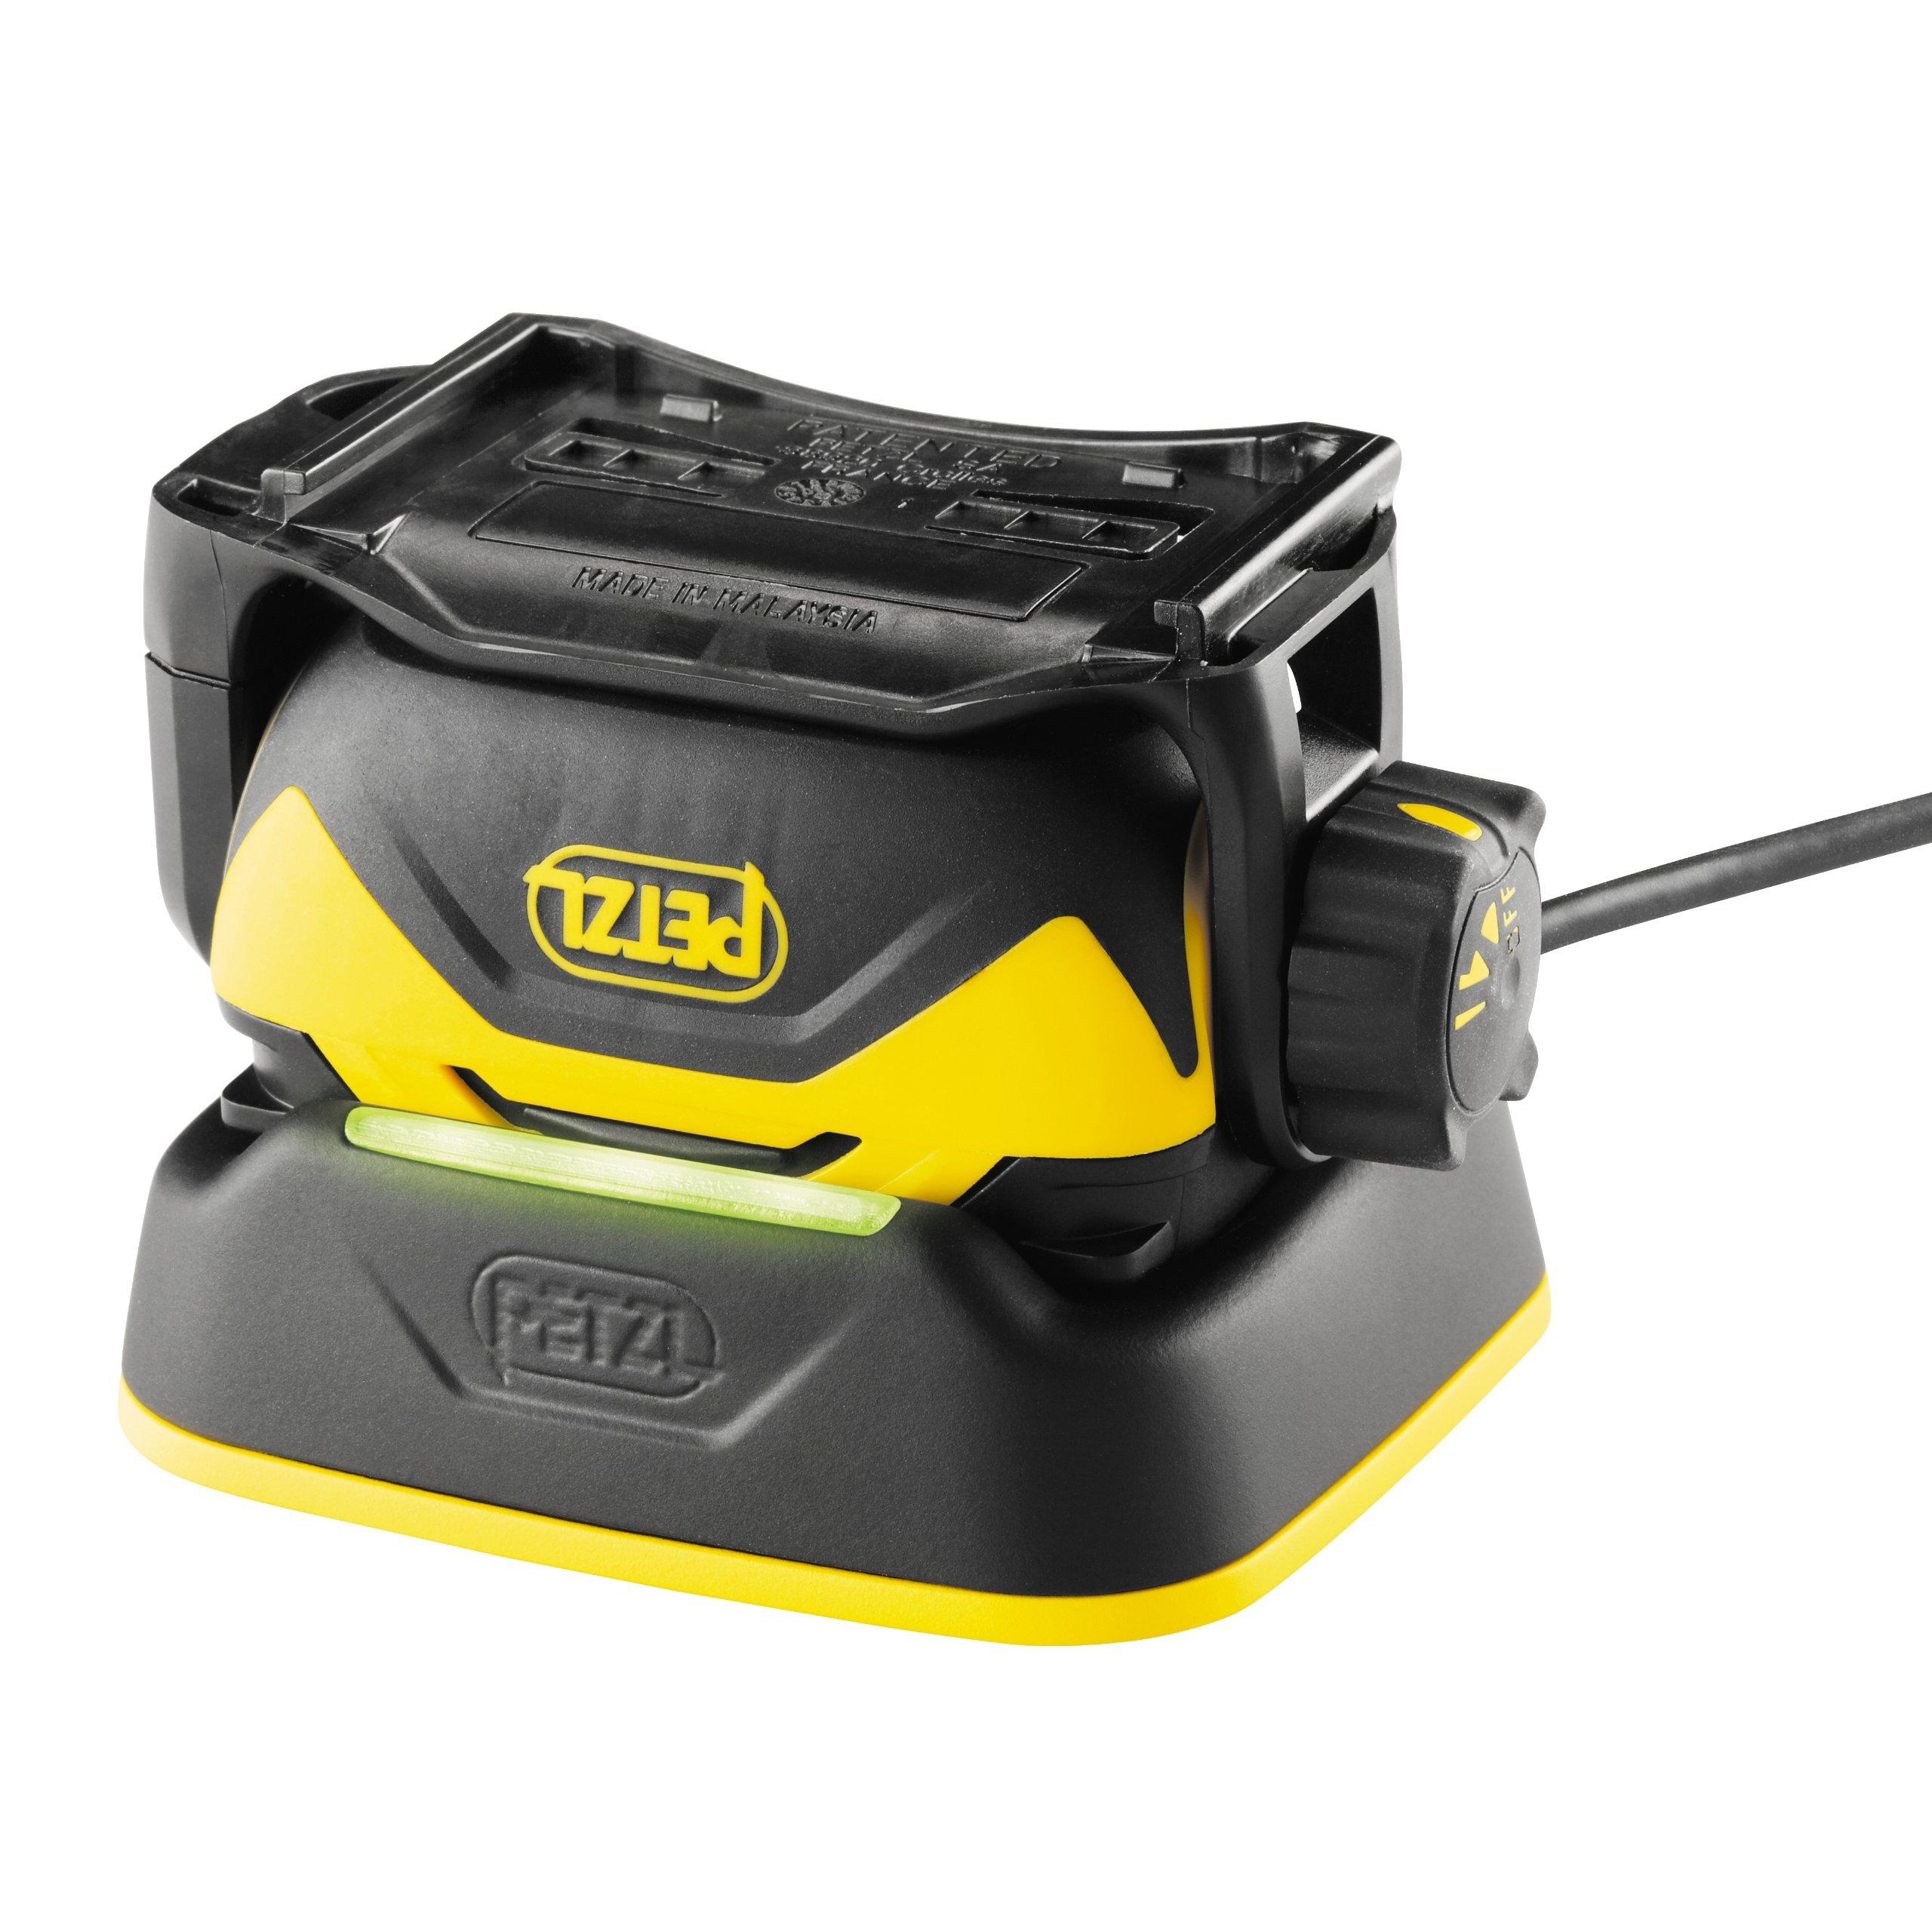 Petzl PIXA 3 ACCU pro headlamp by Petzl (Image #3)